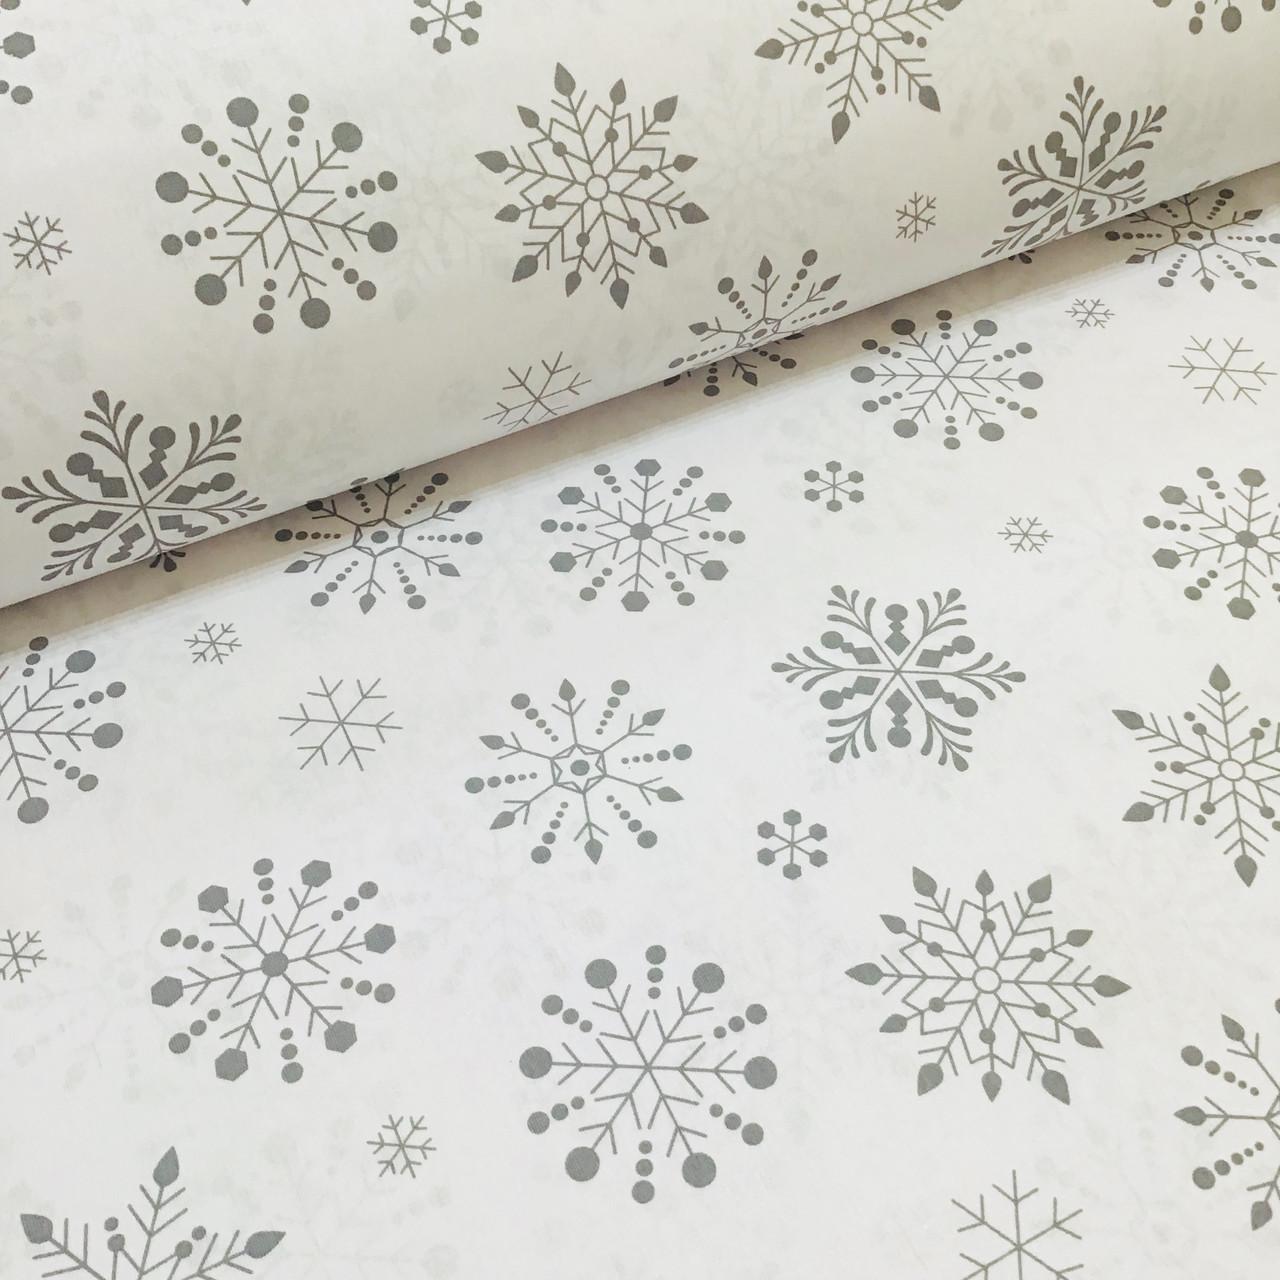 Ткань новогодняя хлопковая, крупные серые снежинки на белом